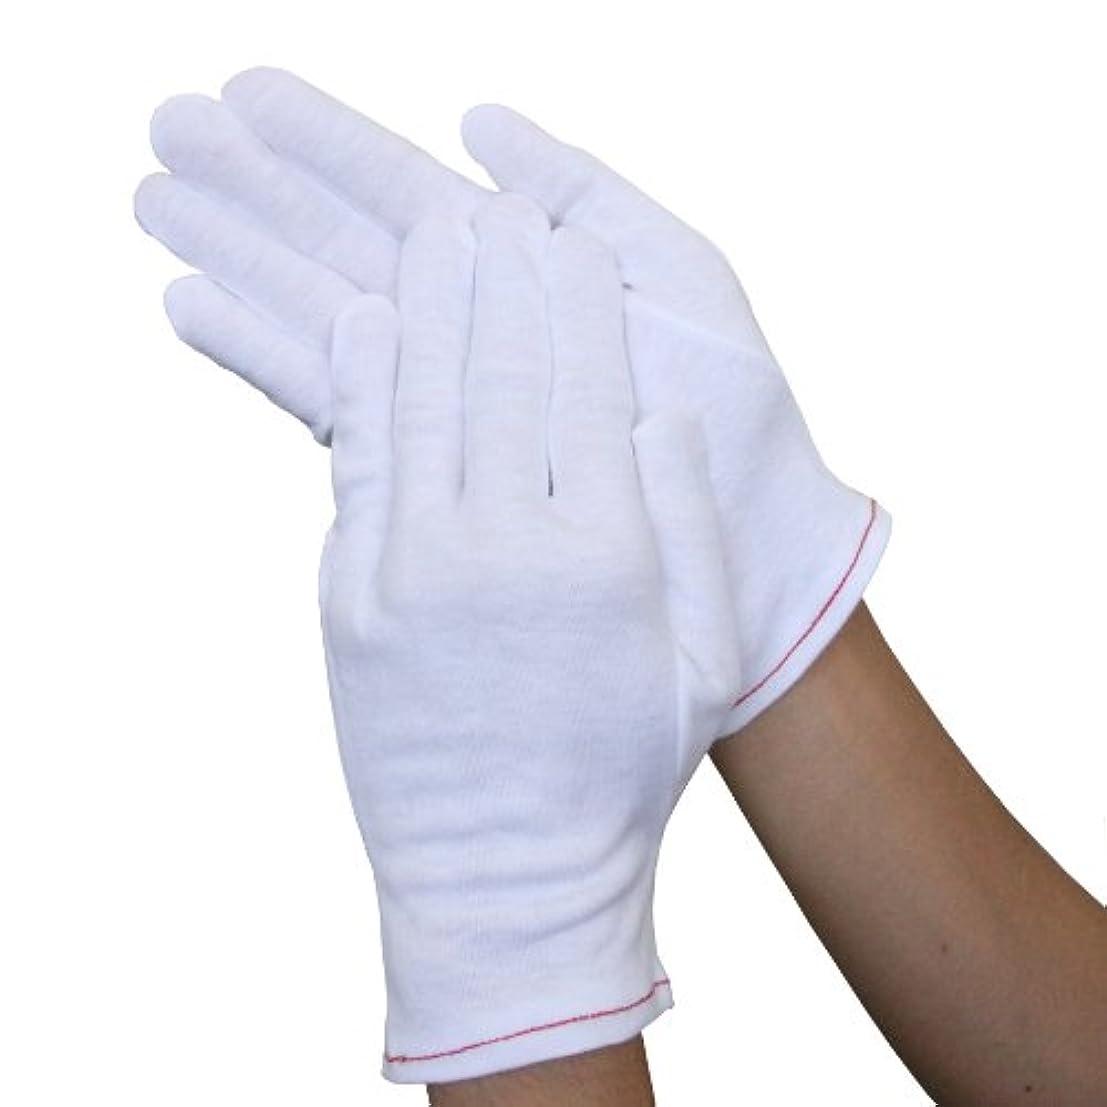 ウインセス 【心地よい肌触り/おやすみ手袋】 綿100%手袋 (1双) (S)